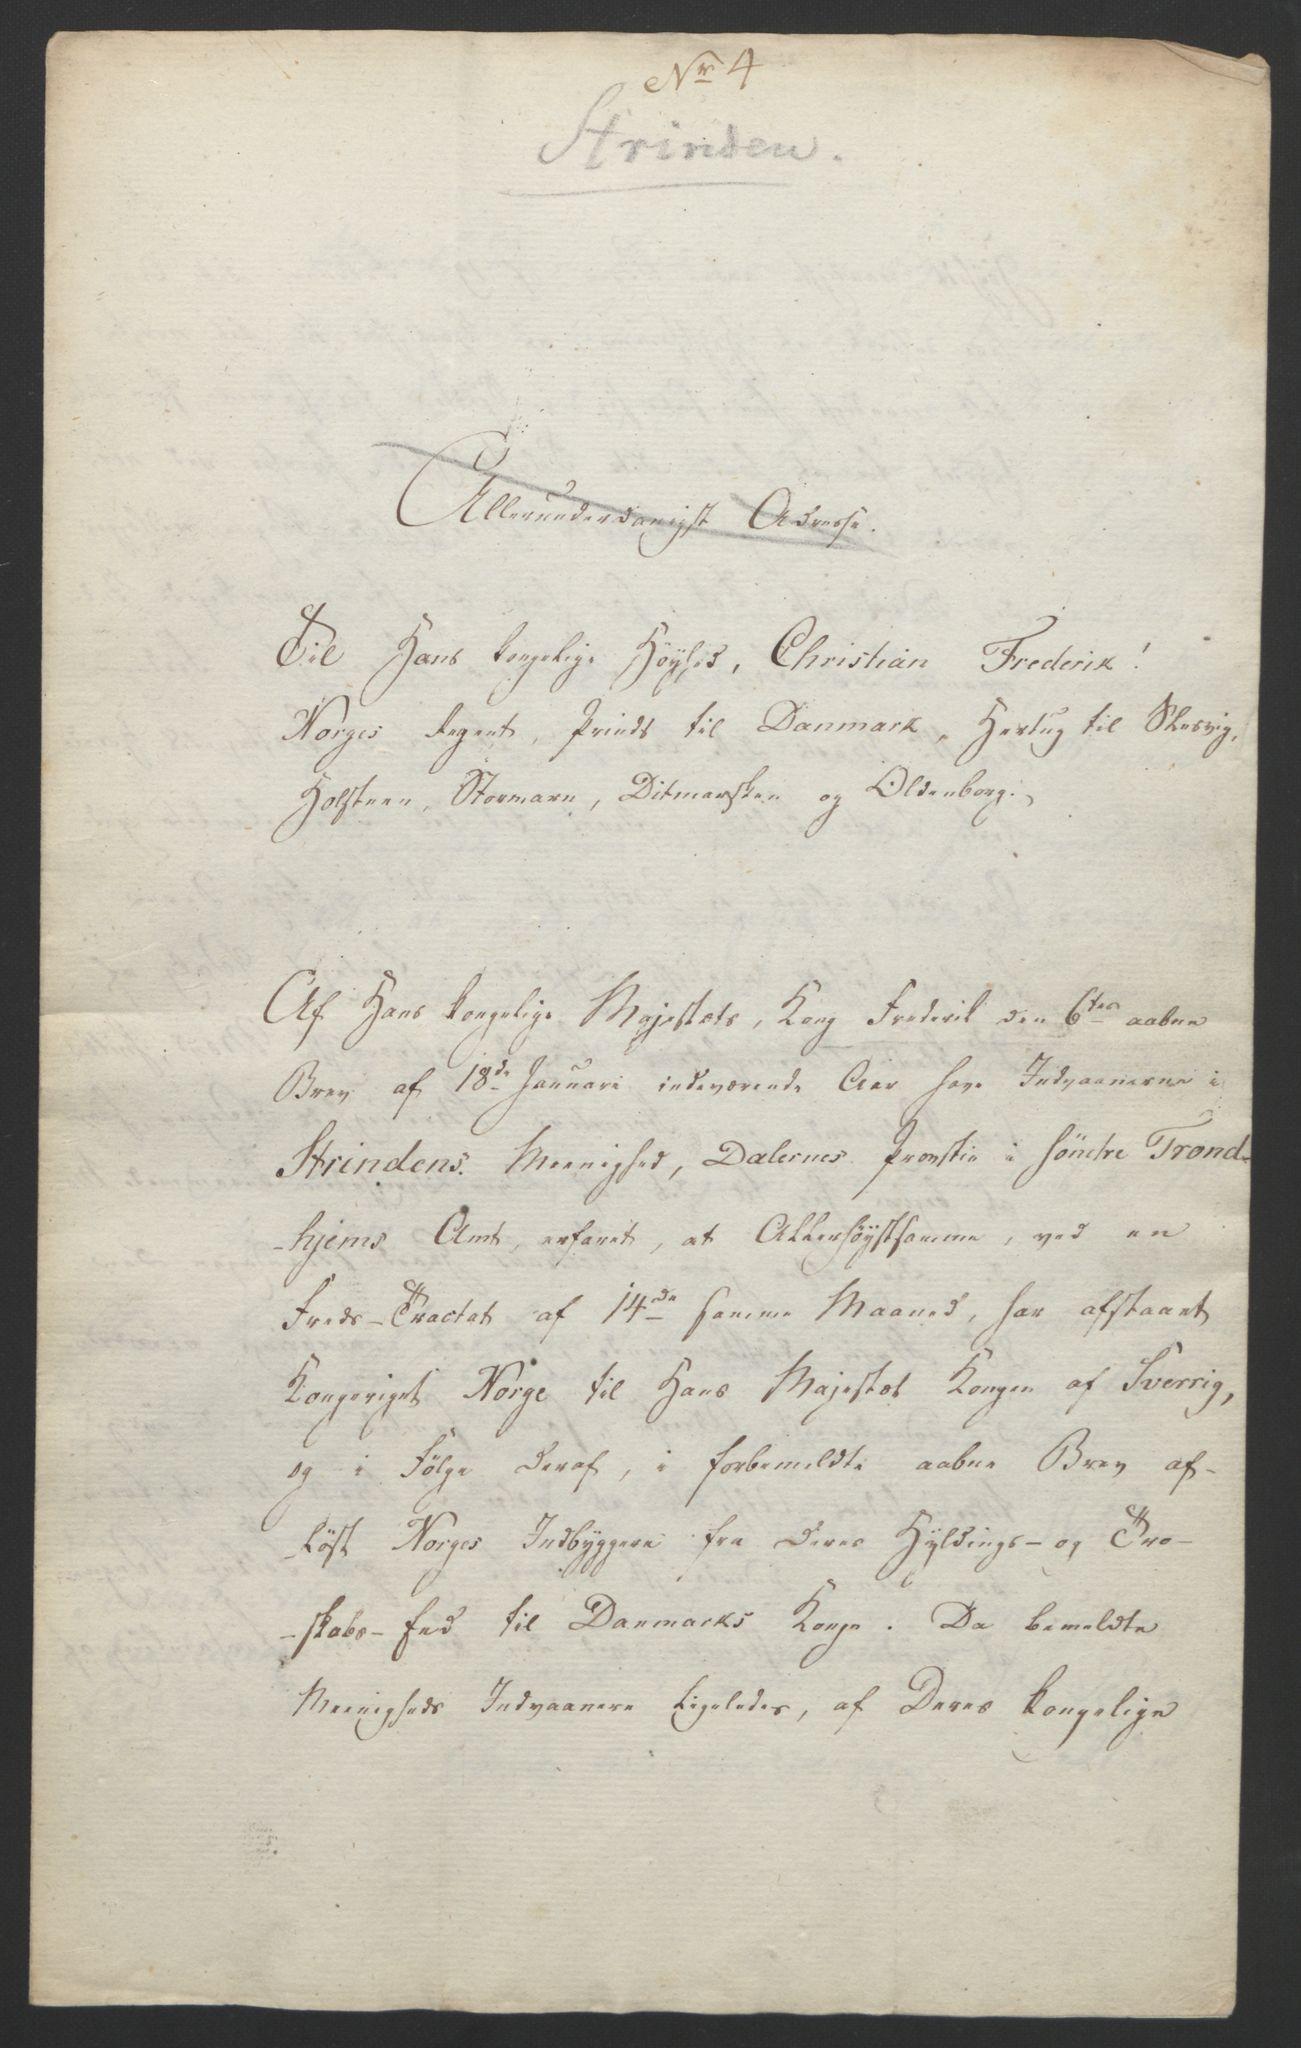 RA, Statsrådssekretariatet, D/Db/L0008: Fullmakter for Eidsvollsrepresentantene i 1814. , 1814, s. 456